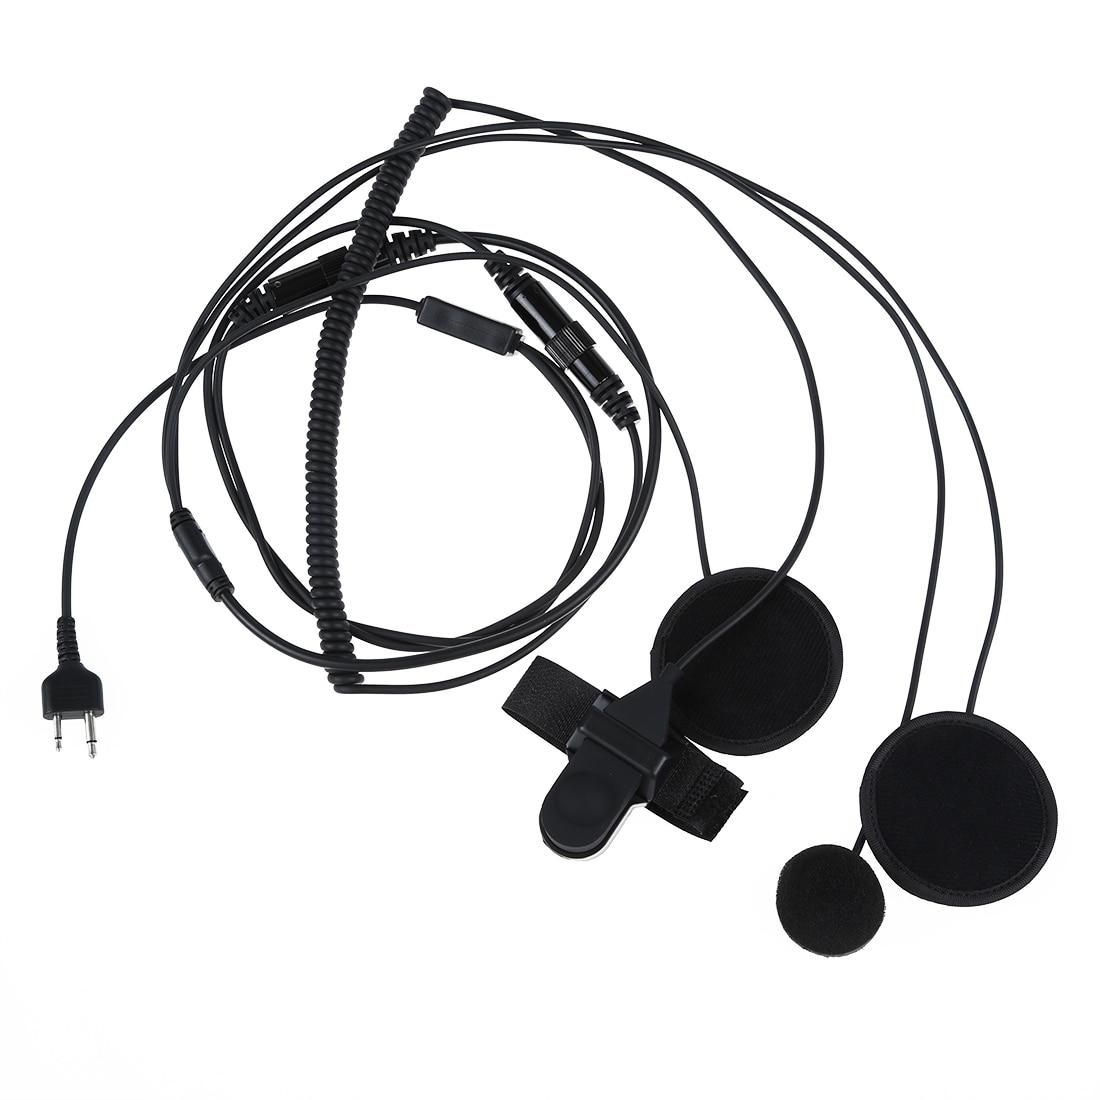 Similiar xbox one headset wiring diagram keywords wiring diagram